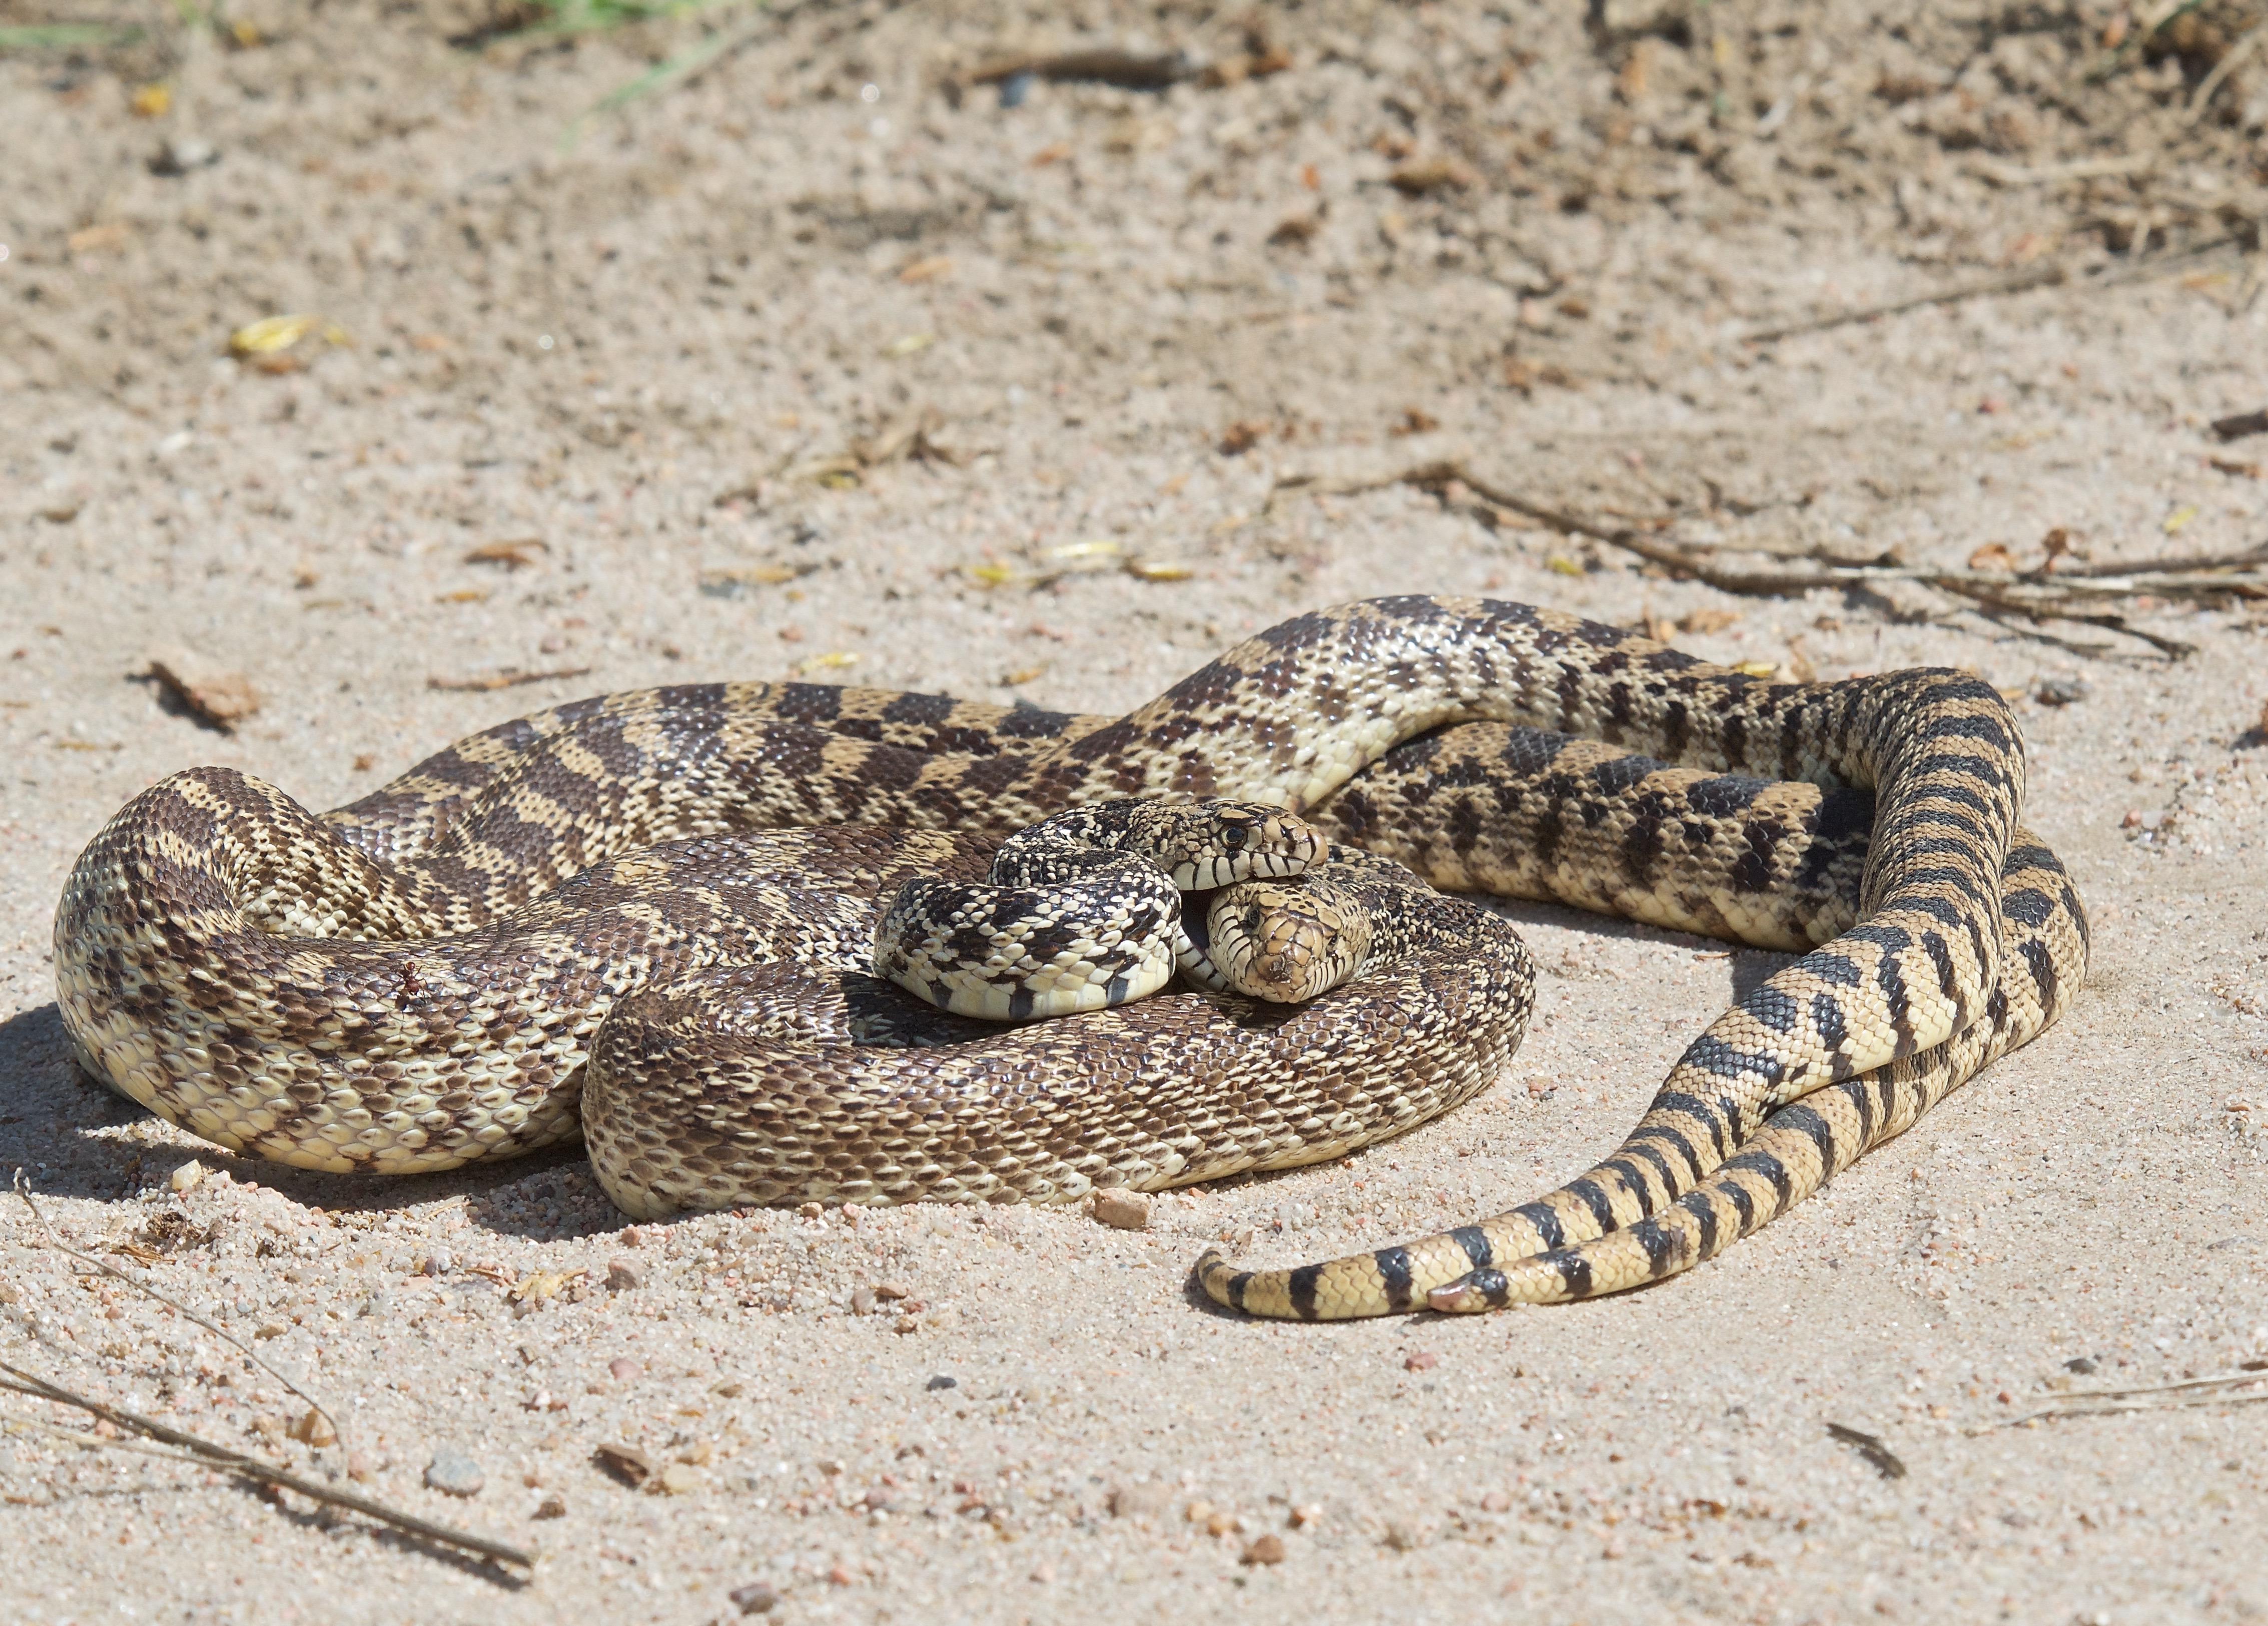 Bull Snakes Mating